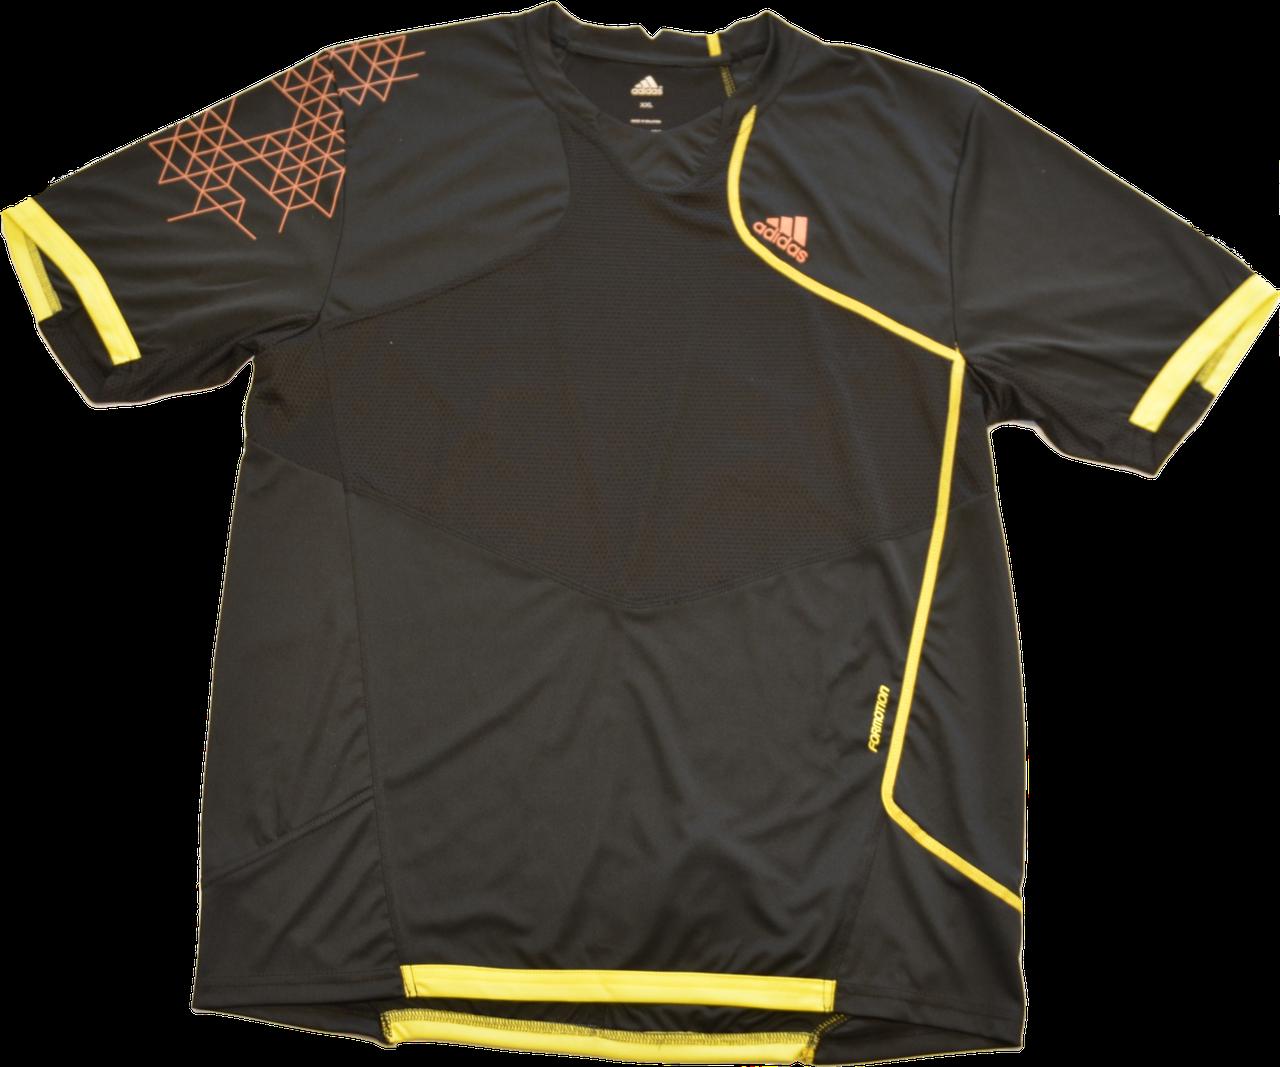 Мужская спортивная футболка Adidas Formotion Clima Cool.